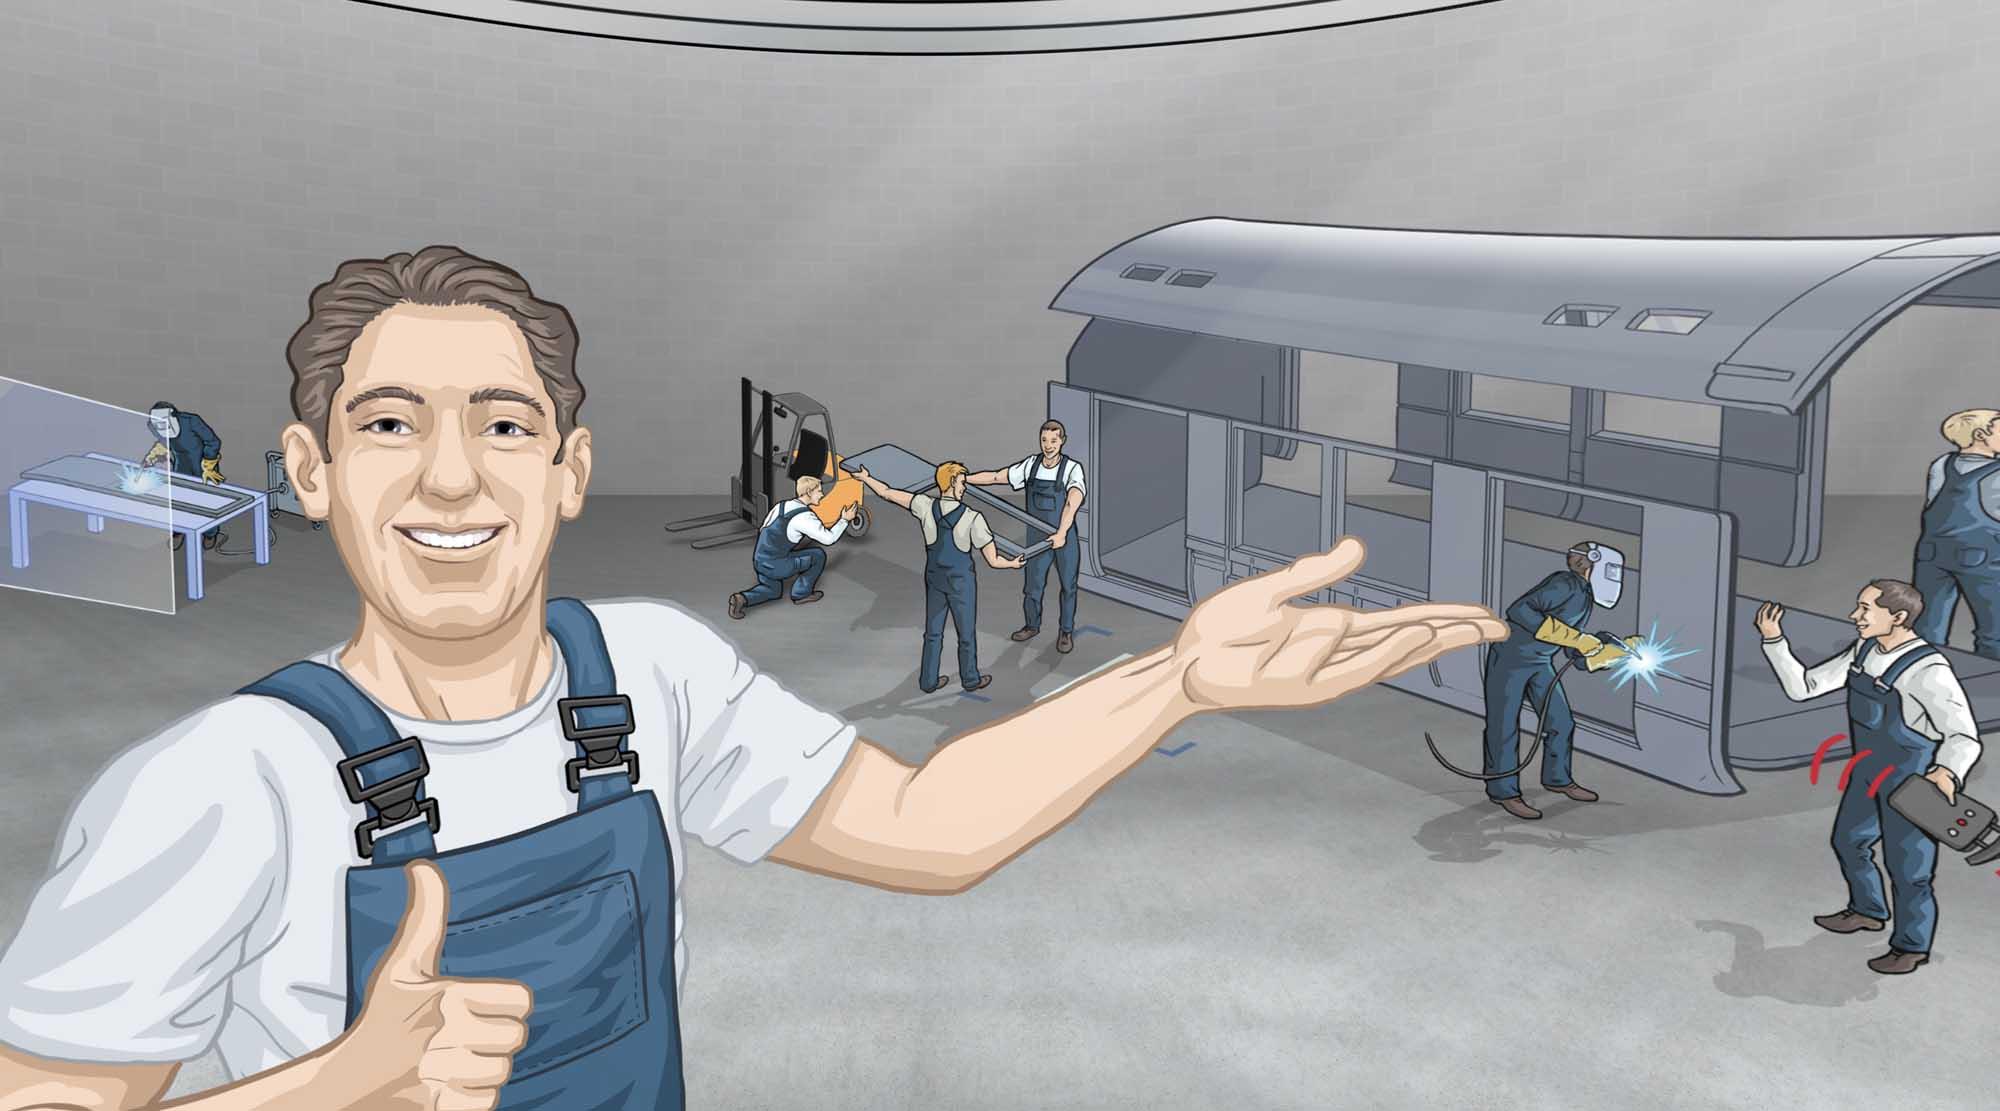 Arbeiter präsentiert eine Werkshalle, in der ein Zug zusammengebaut wird.